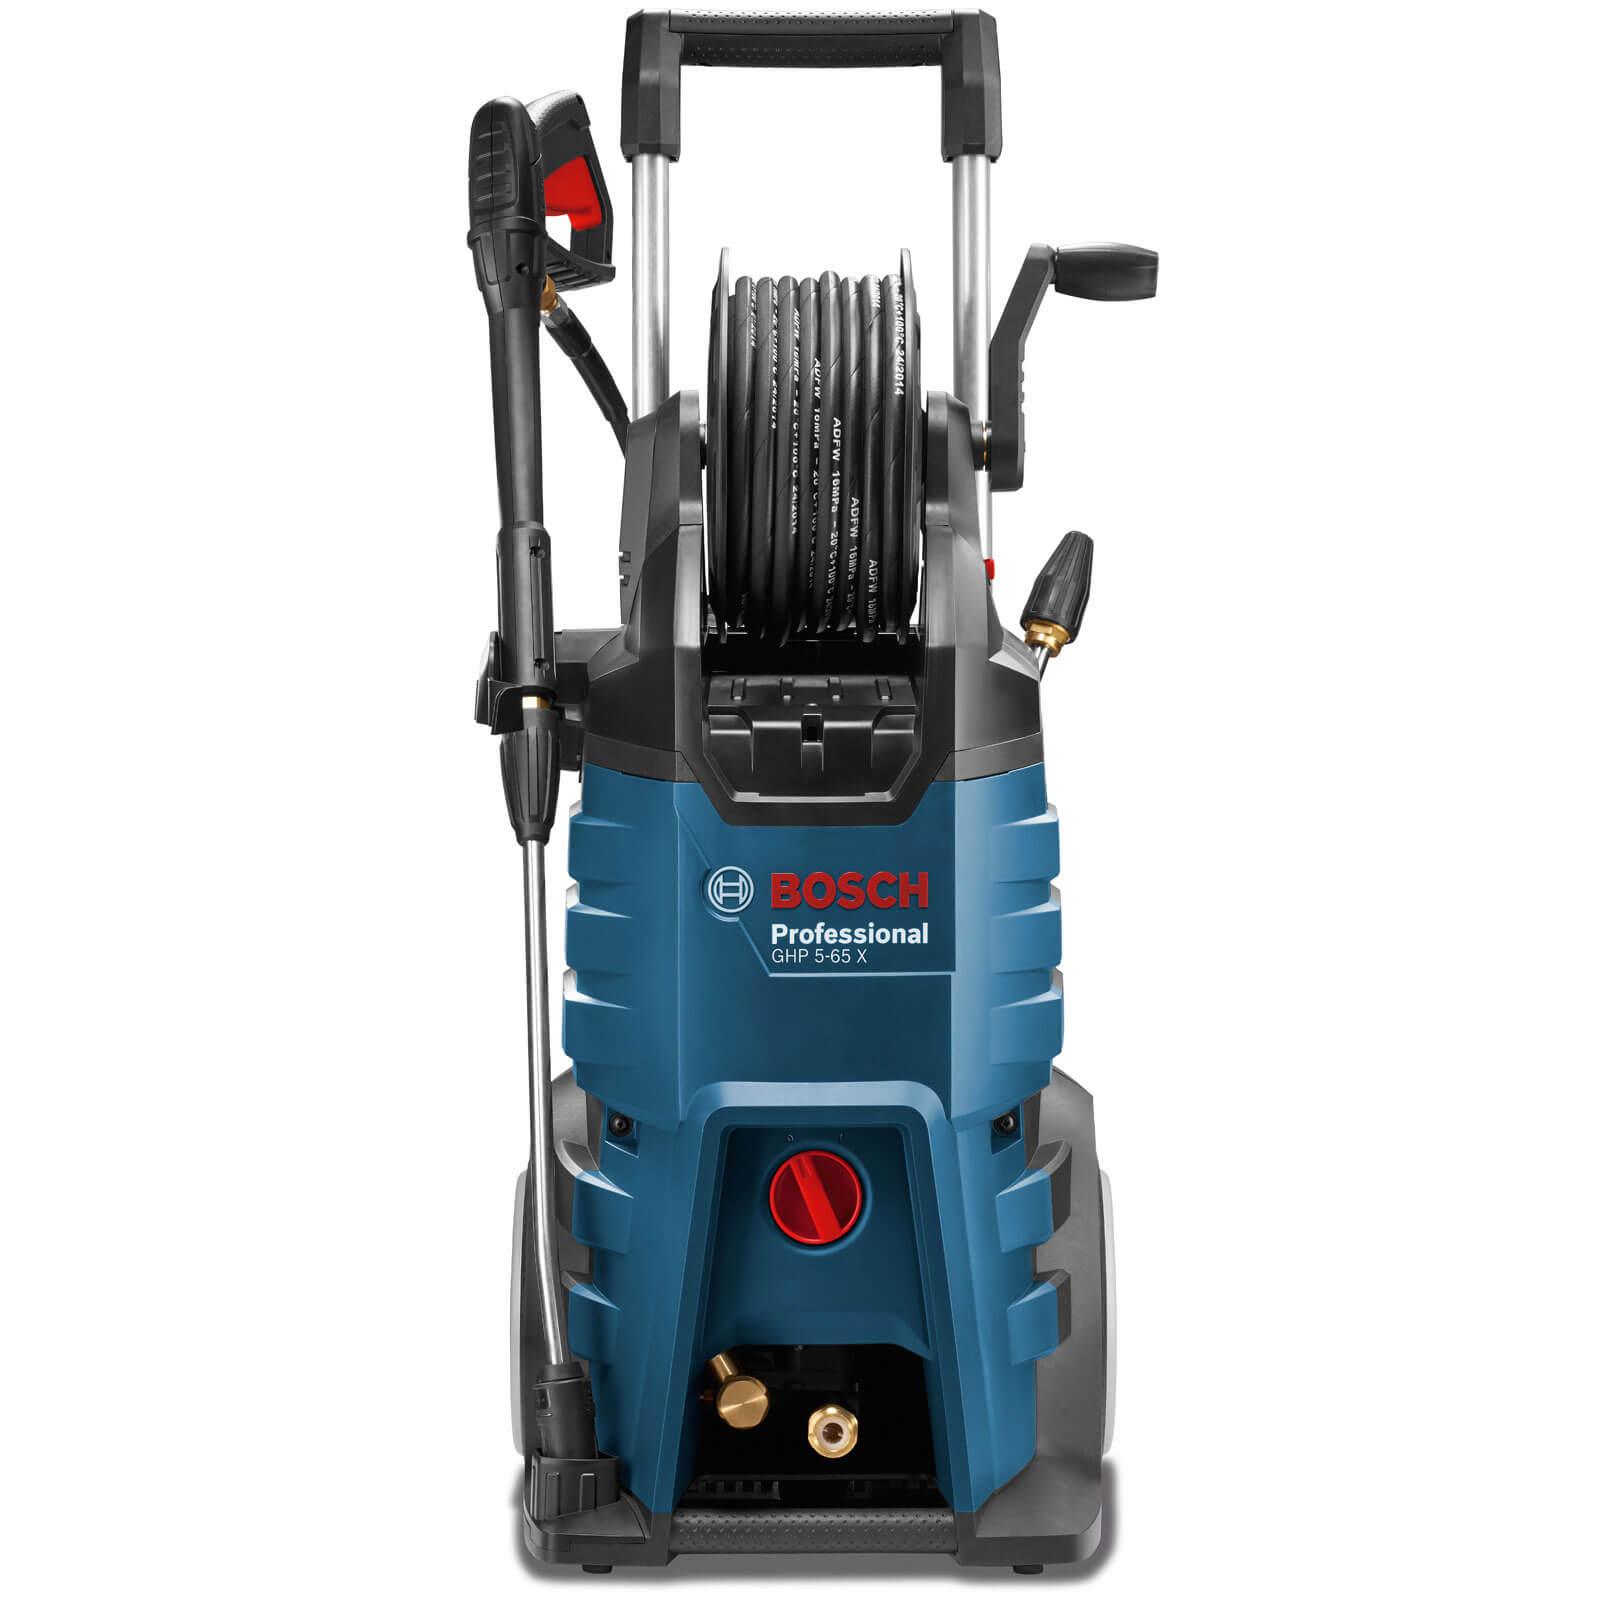 Bosch GHP 5 65 X Professional Pressure Washer 160 Bar 240v